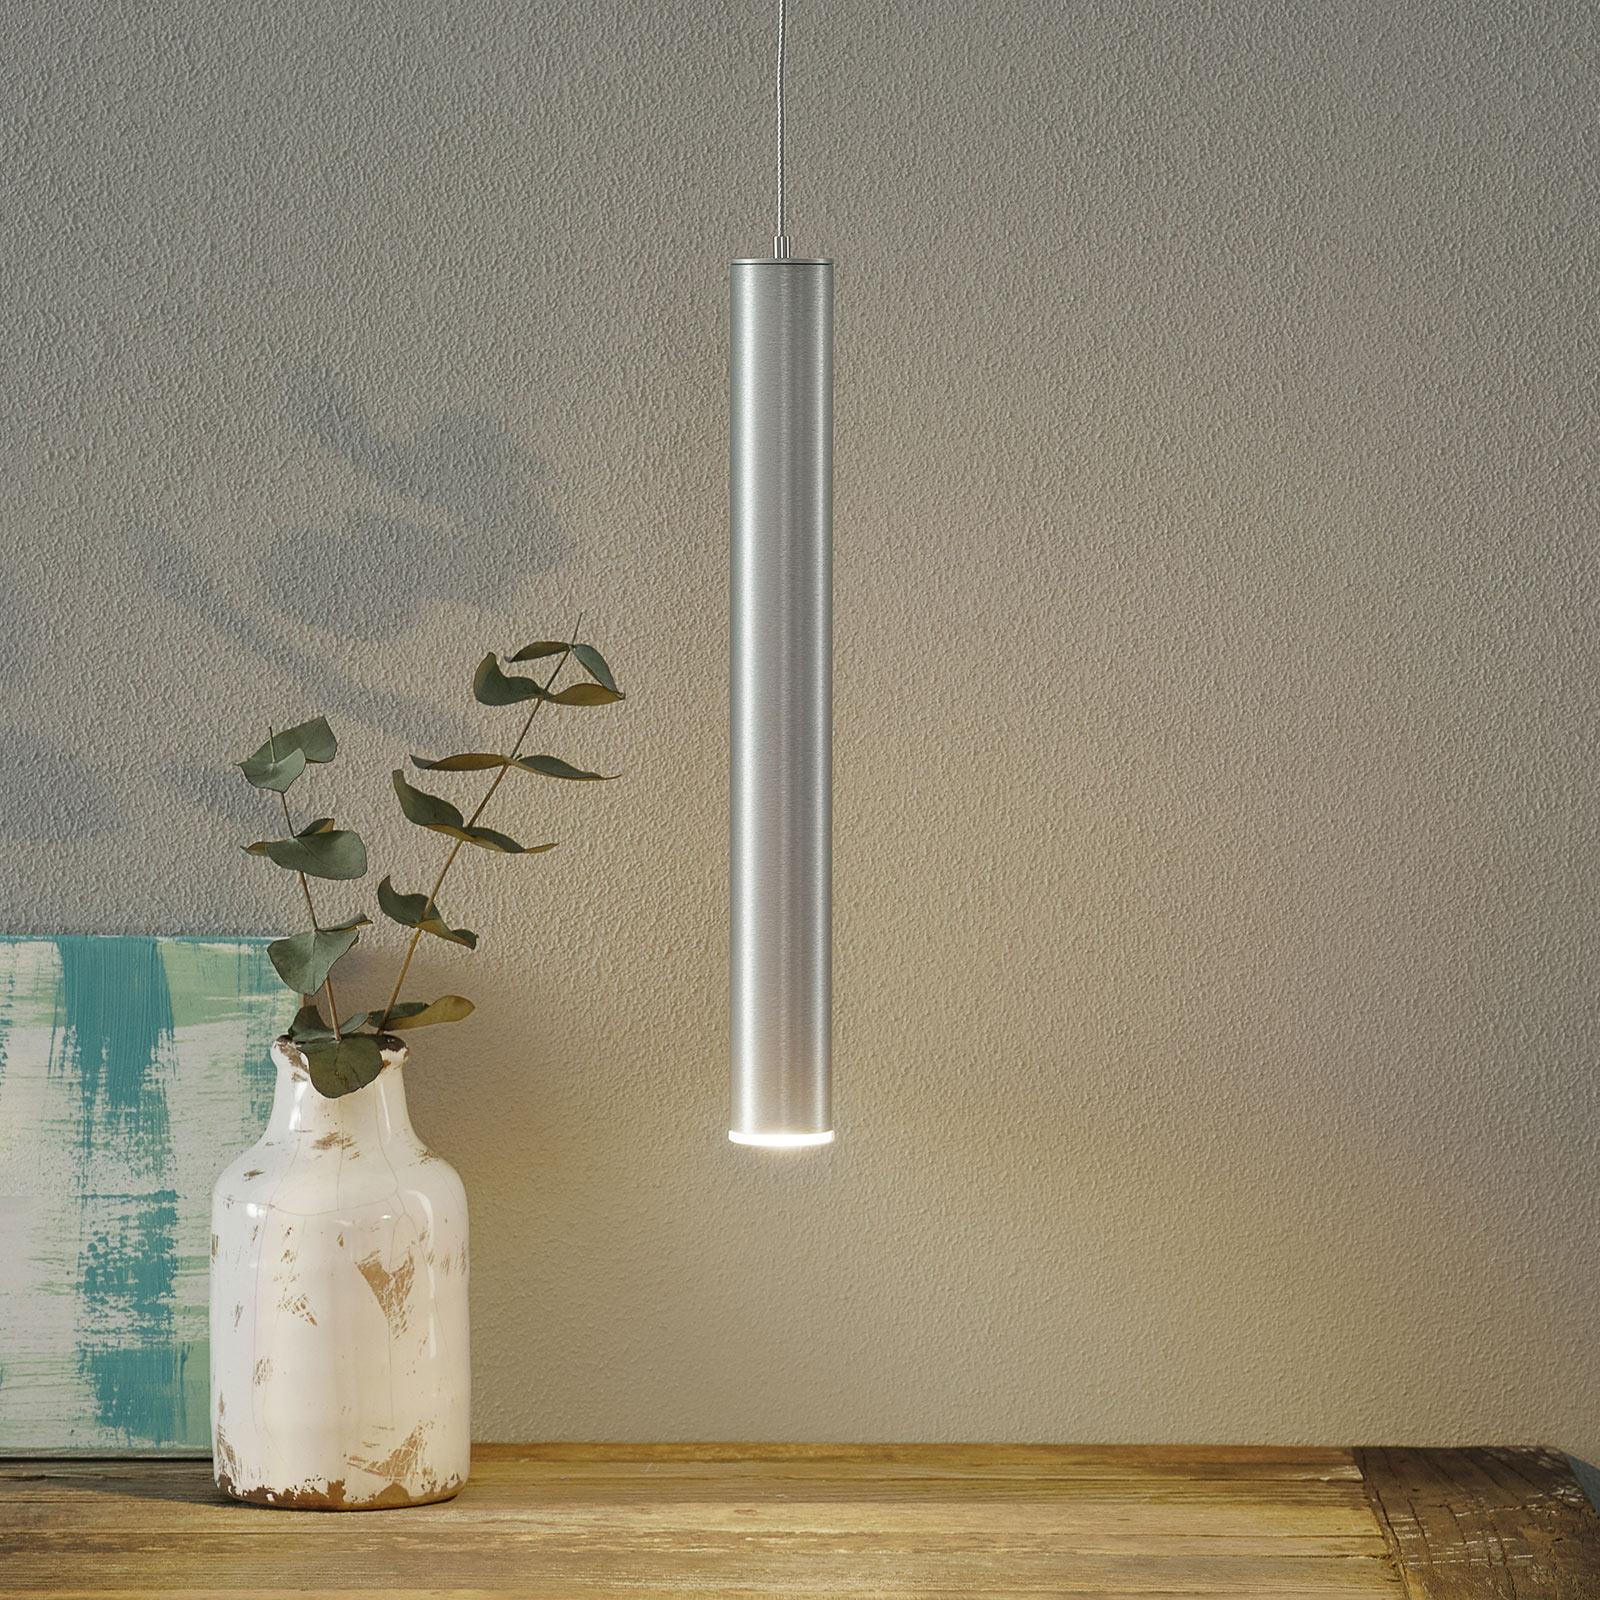 Height-adjustable LED pendant lamp Plus_1556137_1